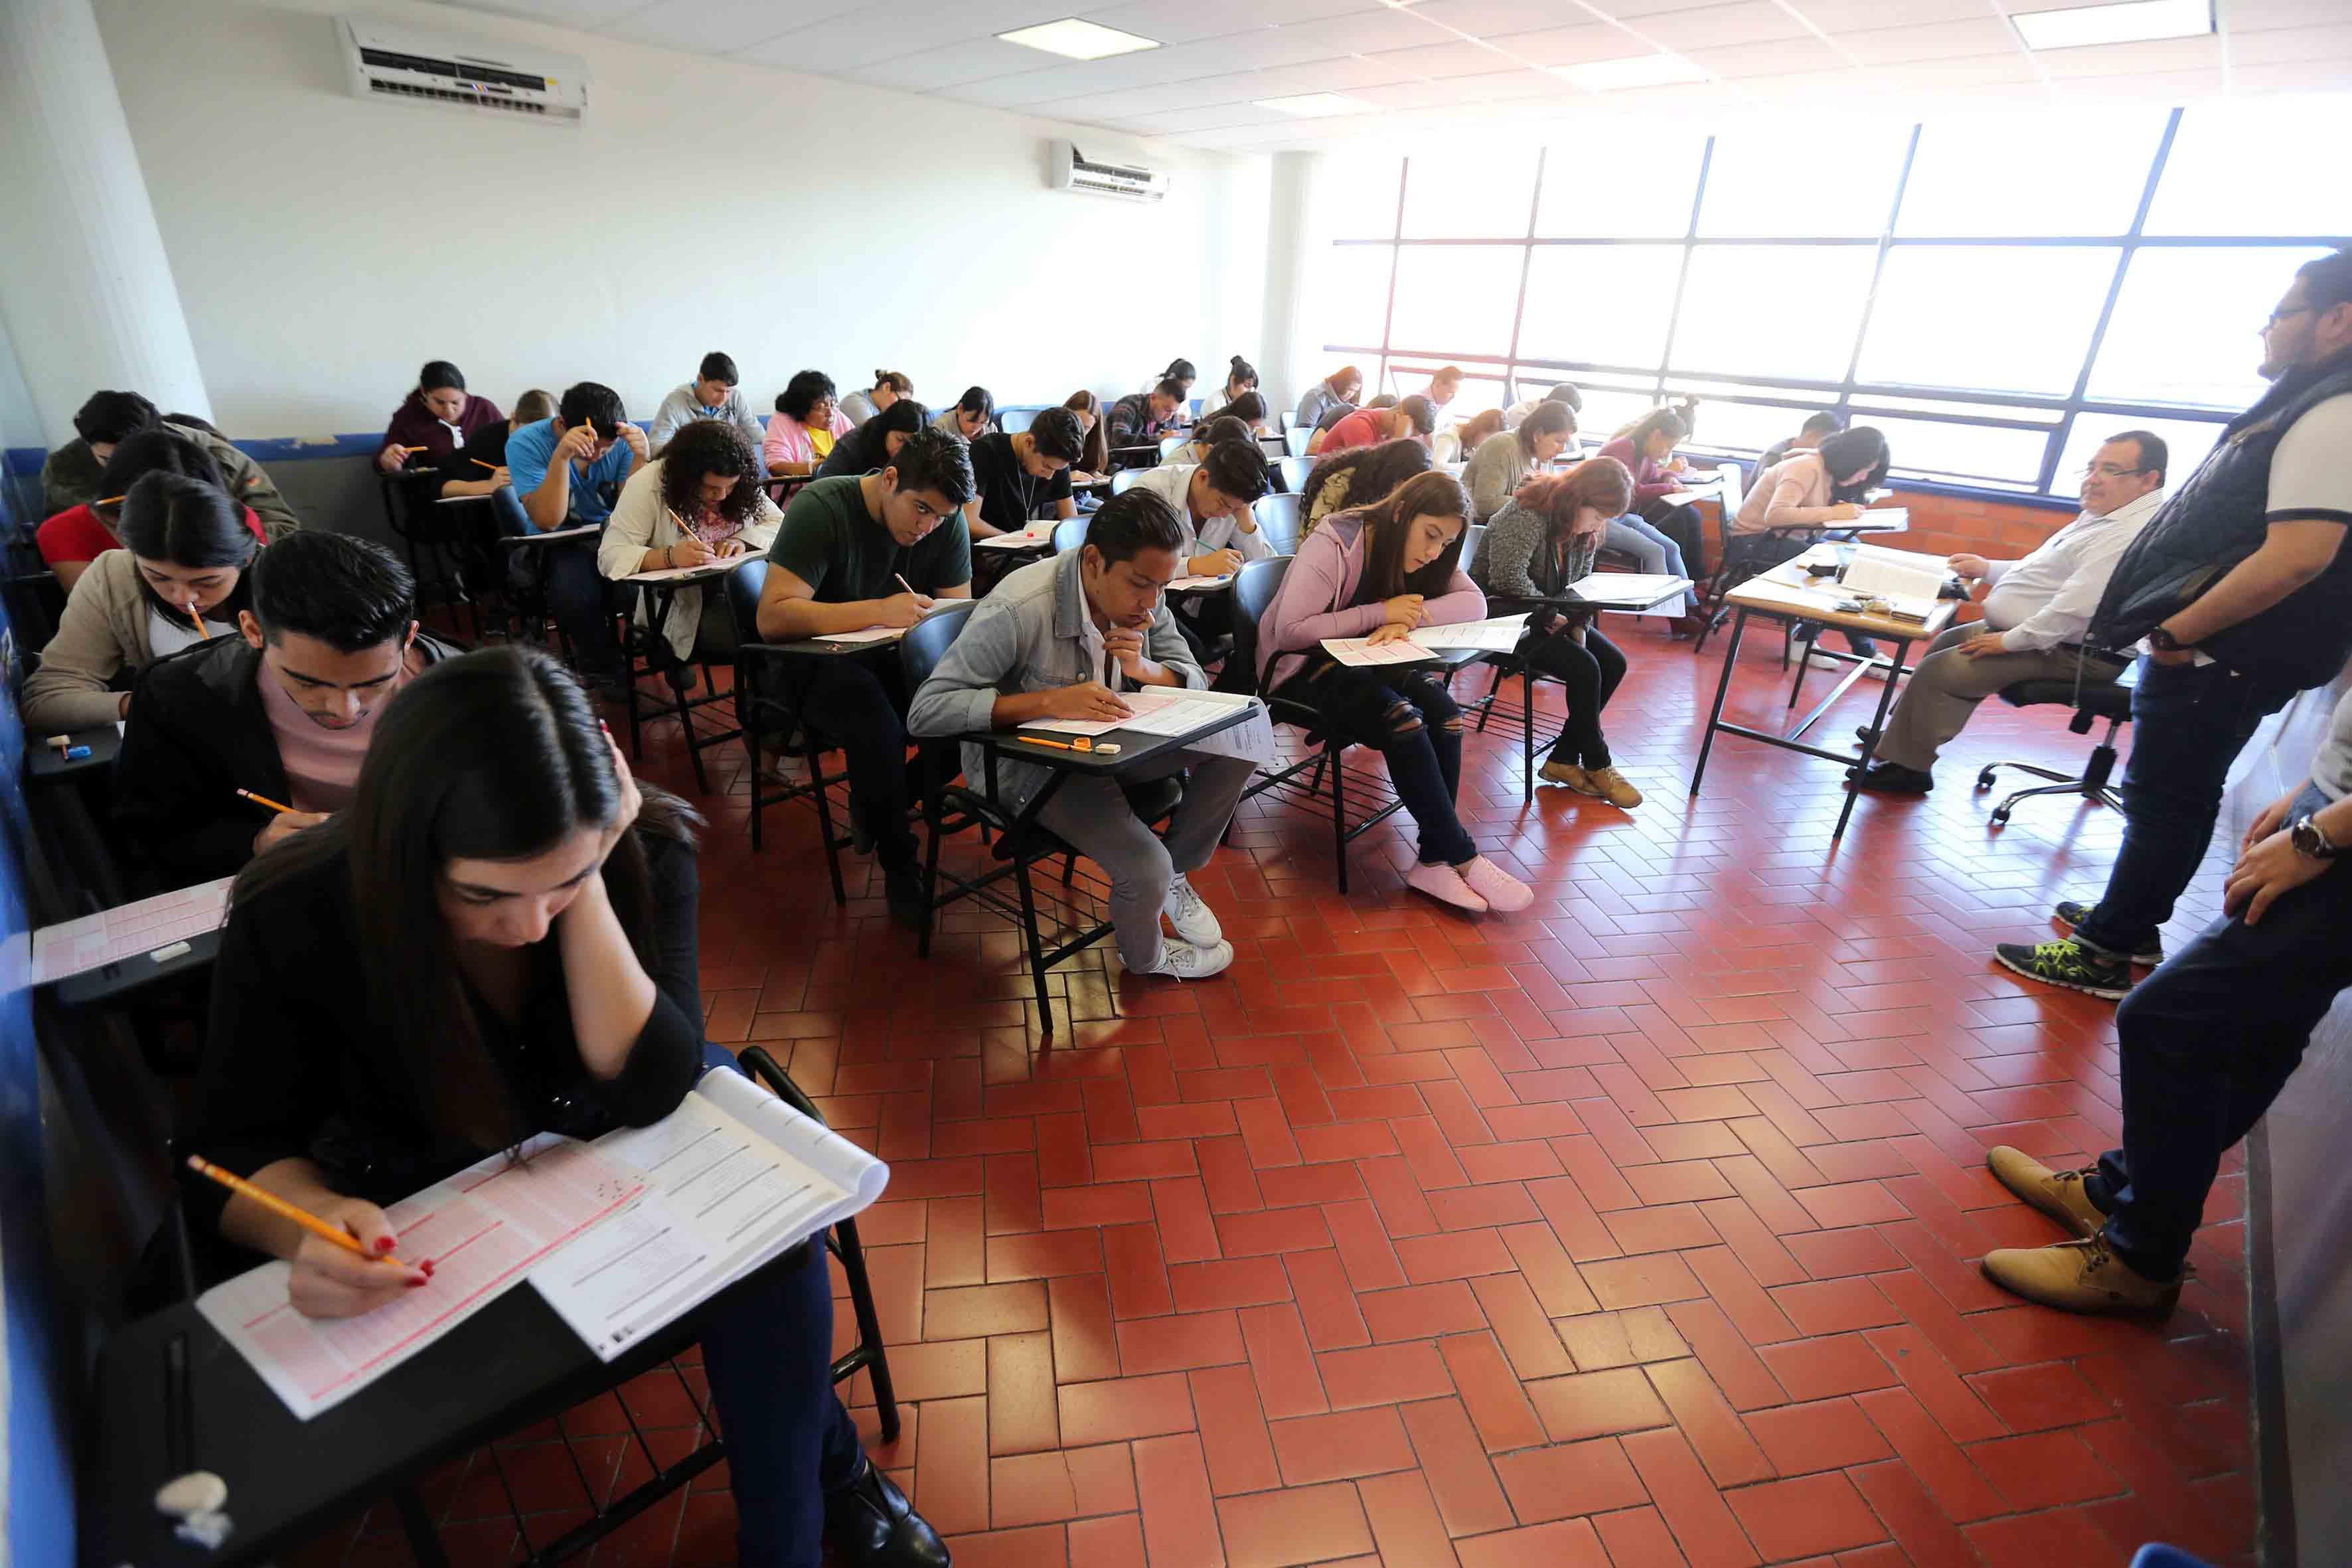 Jóvenes aspirantes realizando examen de admisión, para ingresar a la Universidad de Guadalajara, en calendario escolar 2018-A.